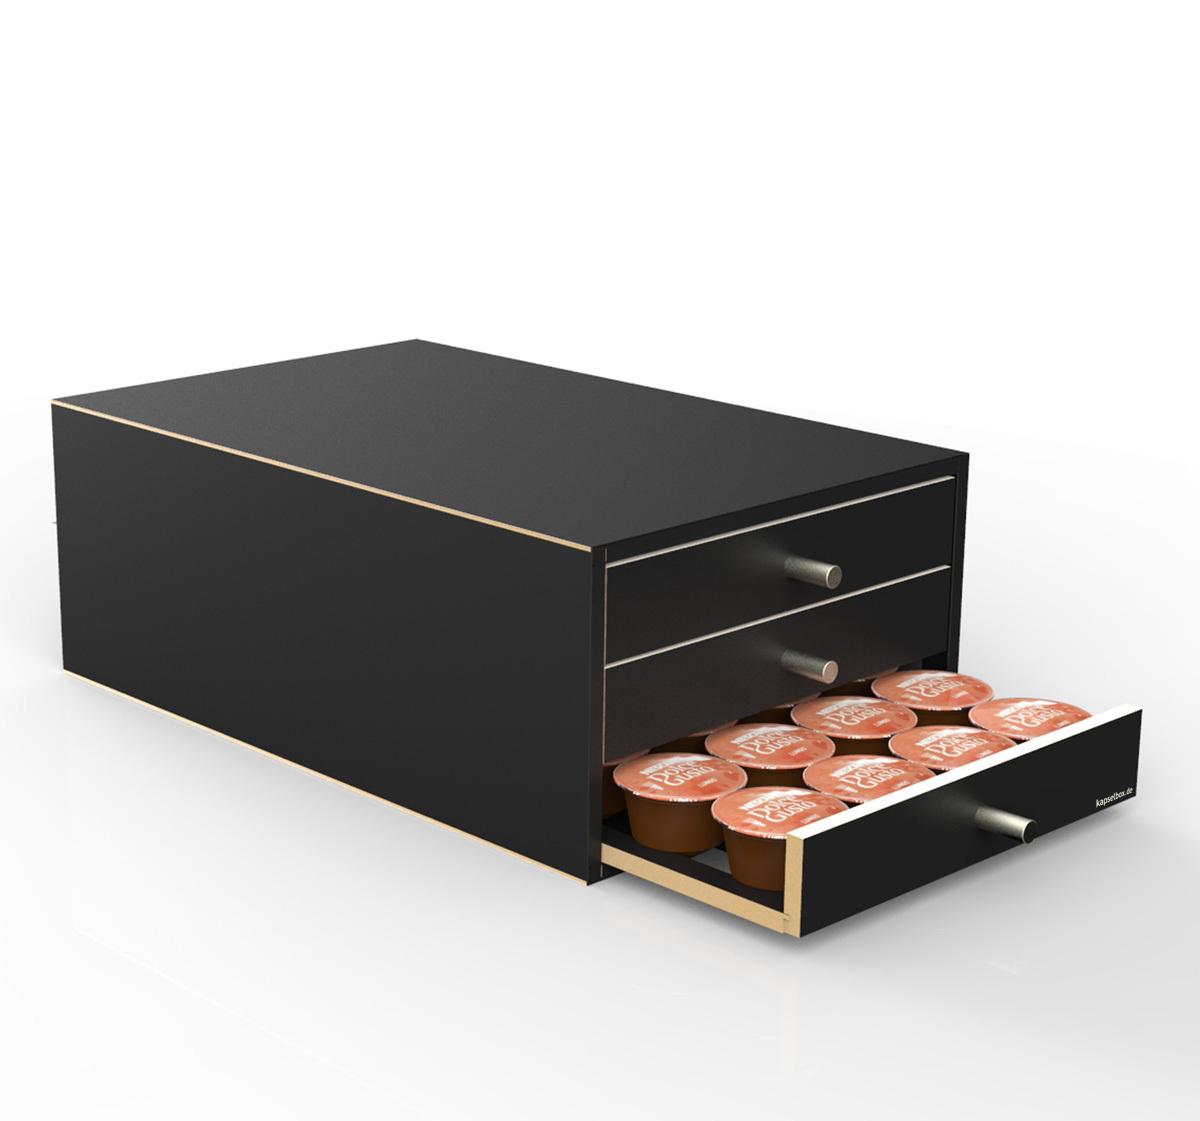 dolce gusto kapsel schublade k chen kaufen billig. Black Bedroom Furniture Sets. Home Design Ideas